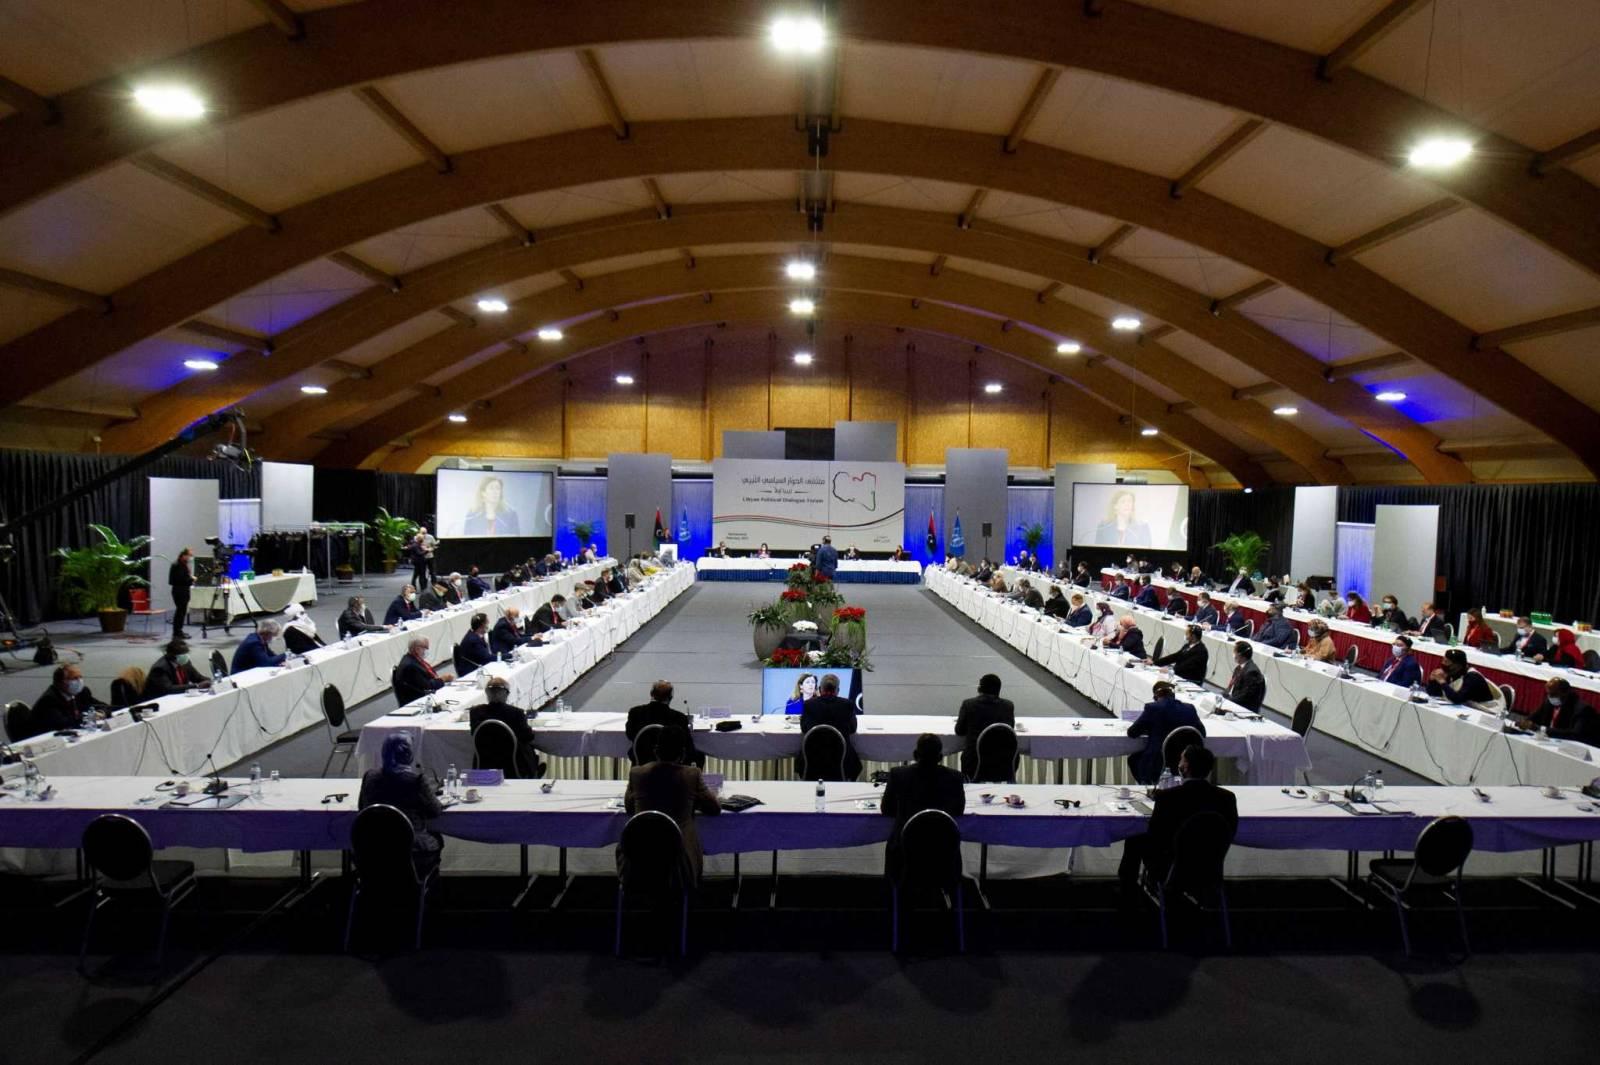 Λιβύη: Κανείς το «χρυσό» 70% – Σε δεύτερο γύρο το Προεδρικό Συμβούλιο